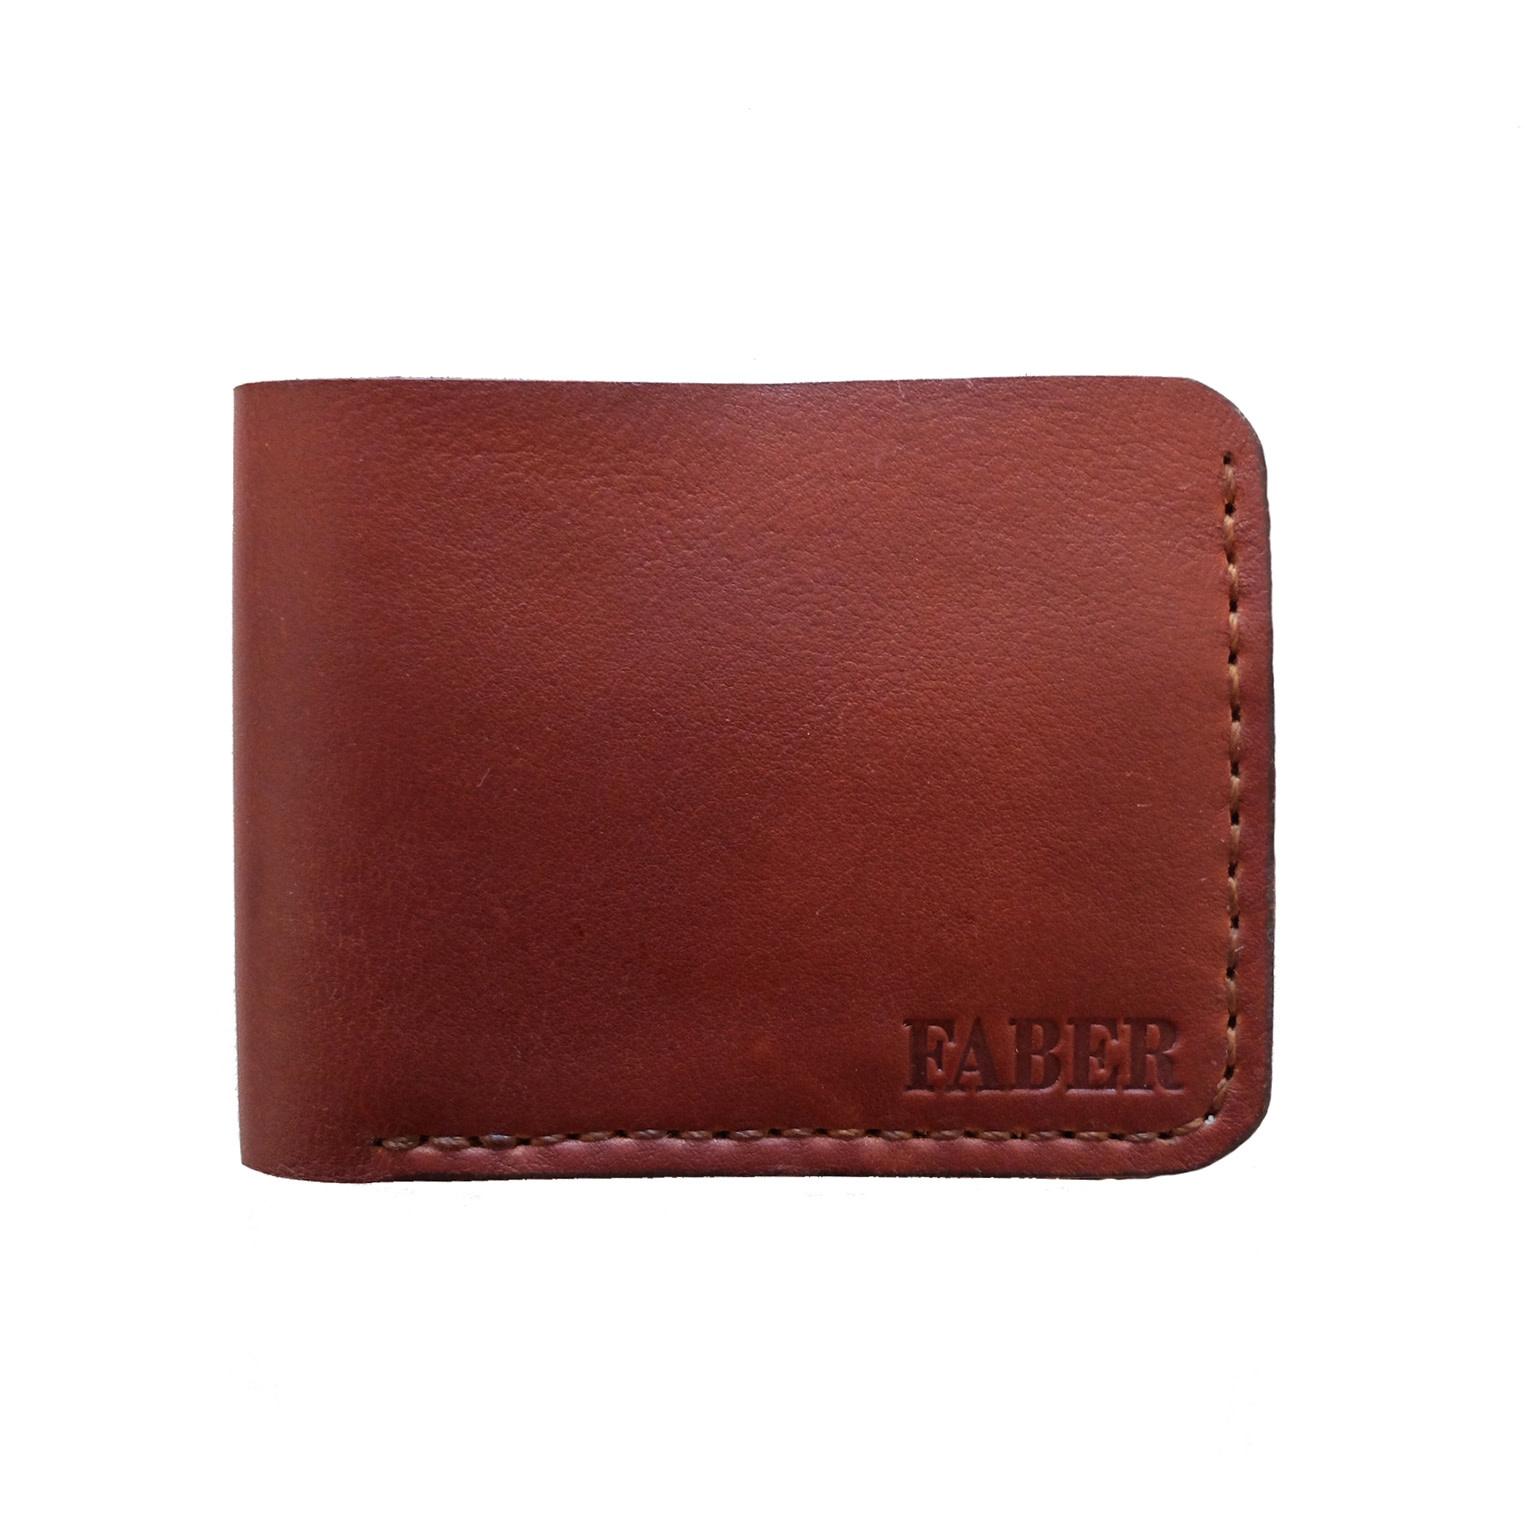 Faber Wallet